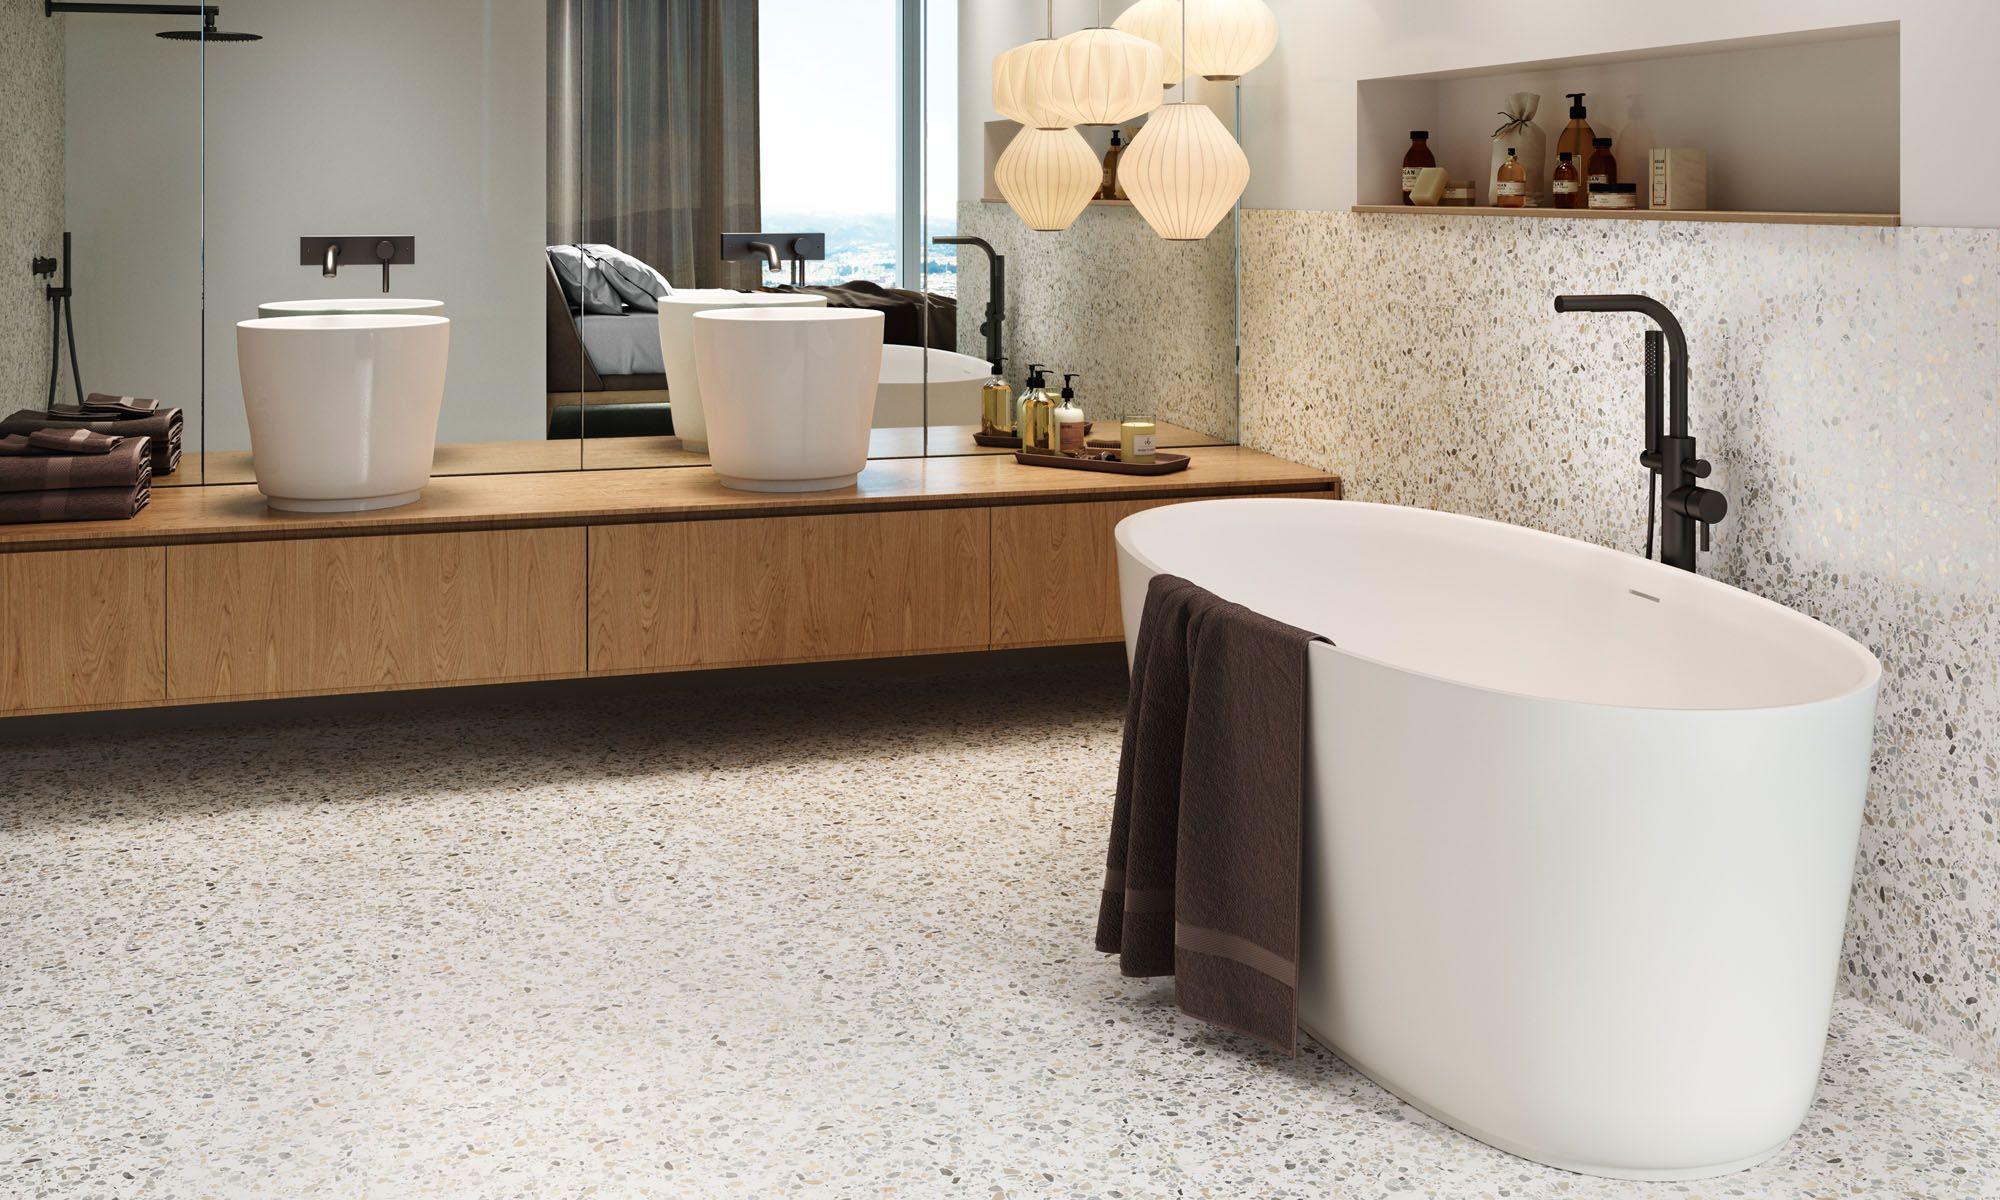 Luxus Bad Design Beige Braun Mosaik Fliesen Spiegel Effekte Badezimmer Braun